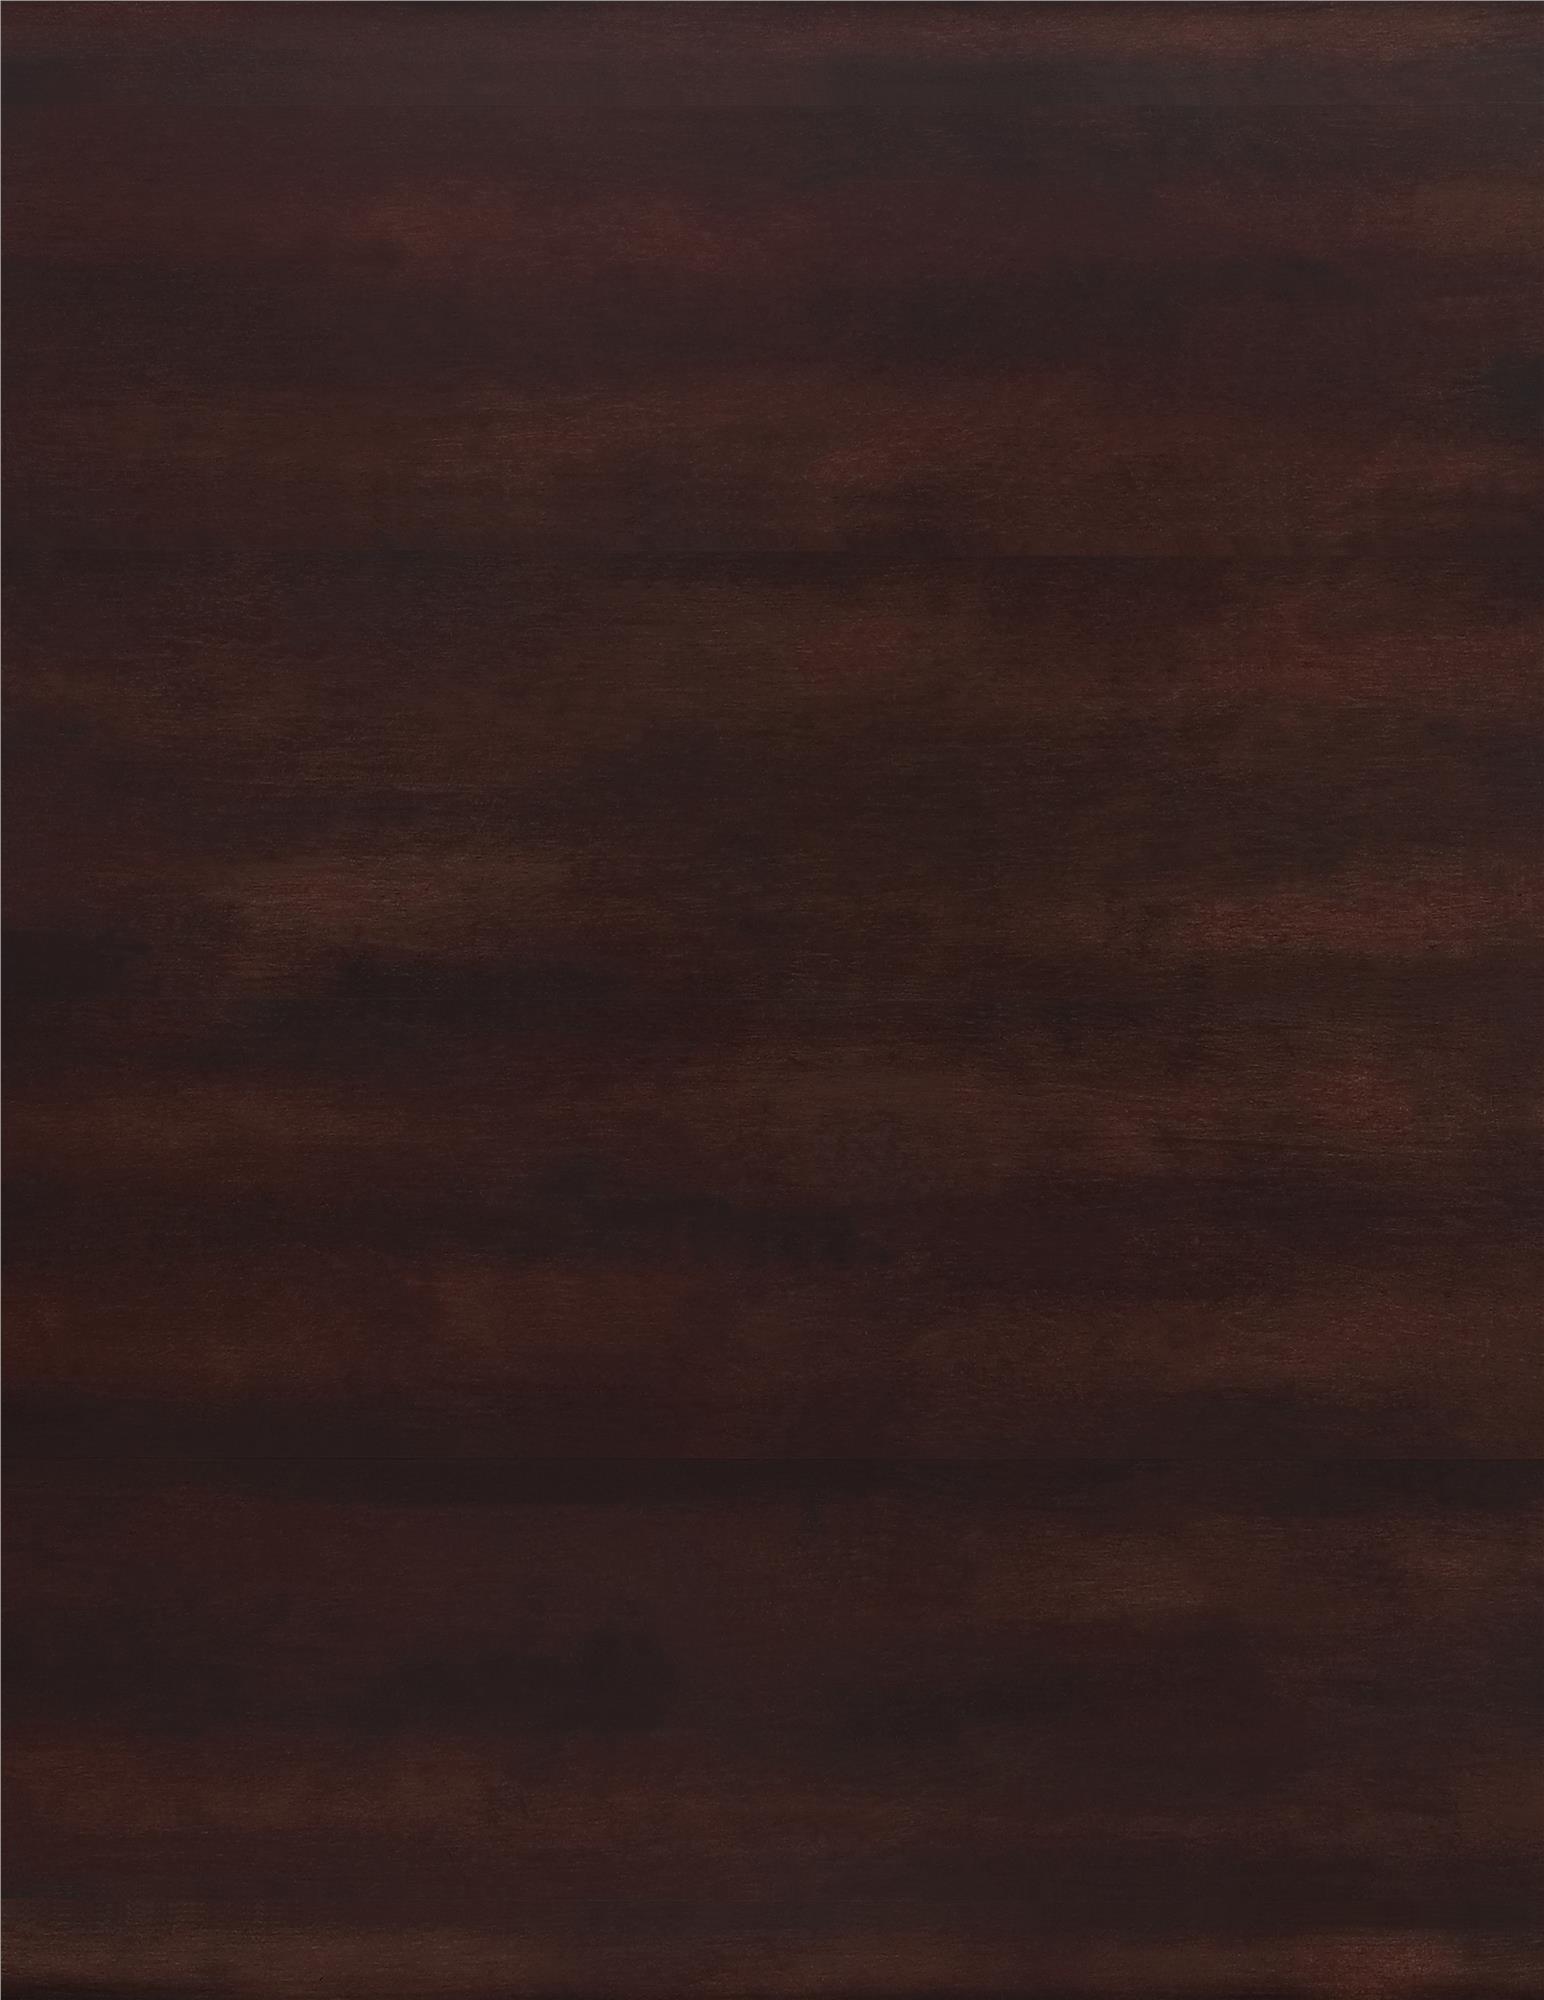 Ameriwood Home Wildwood Wood Veneer  Desk, Espresso by Ameriwood Home (Image #1)